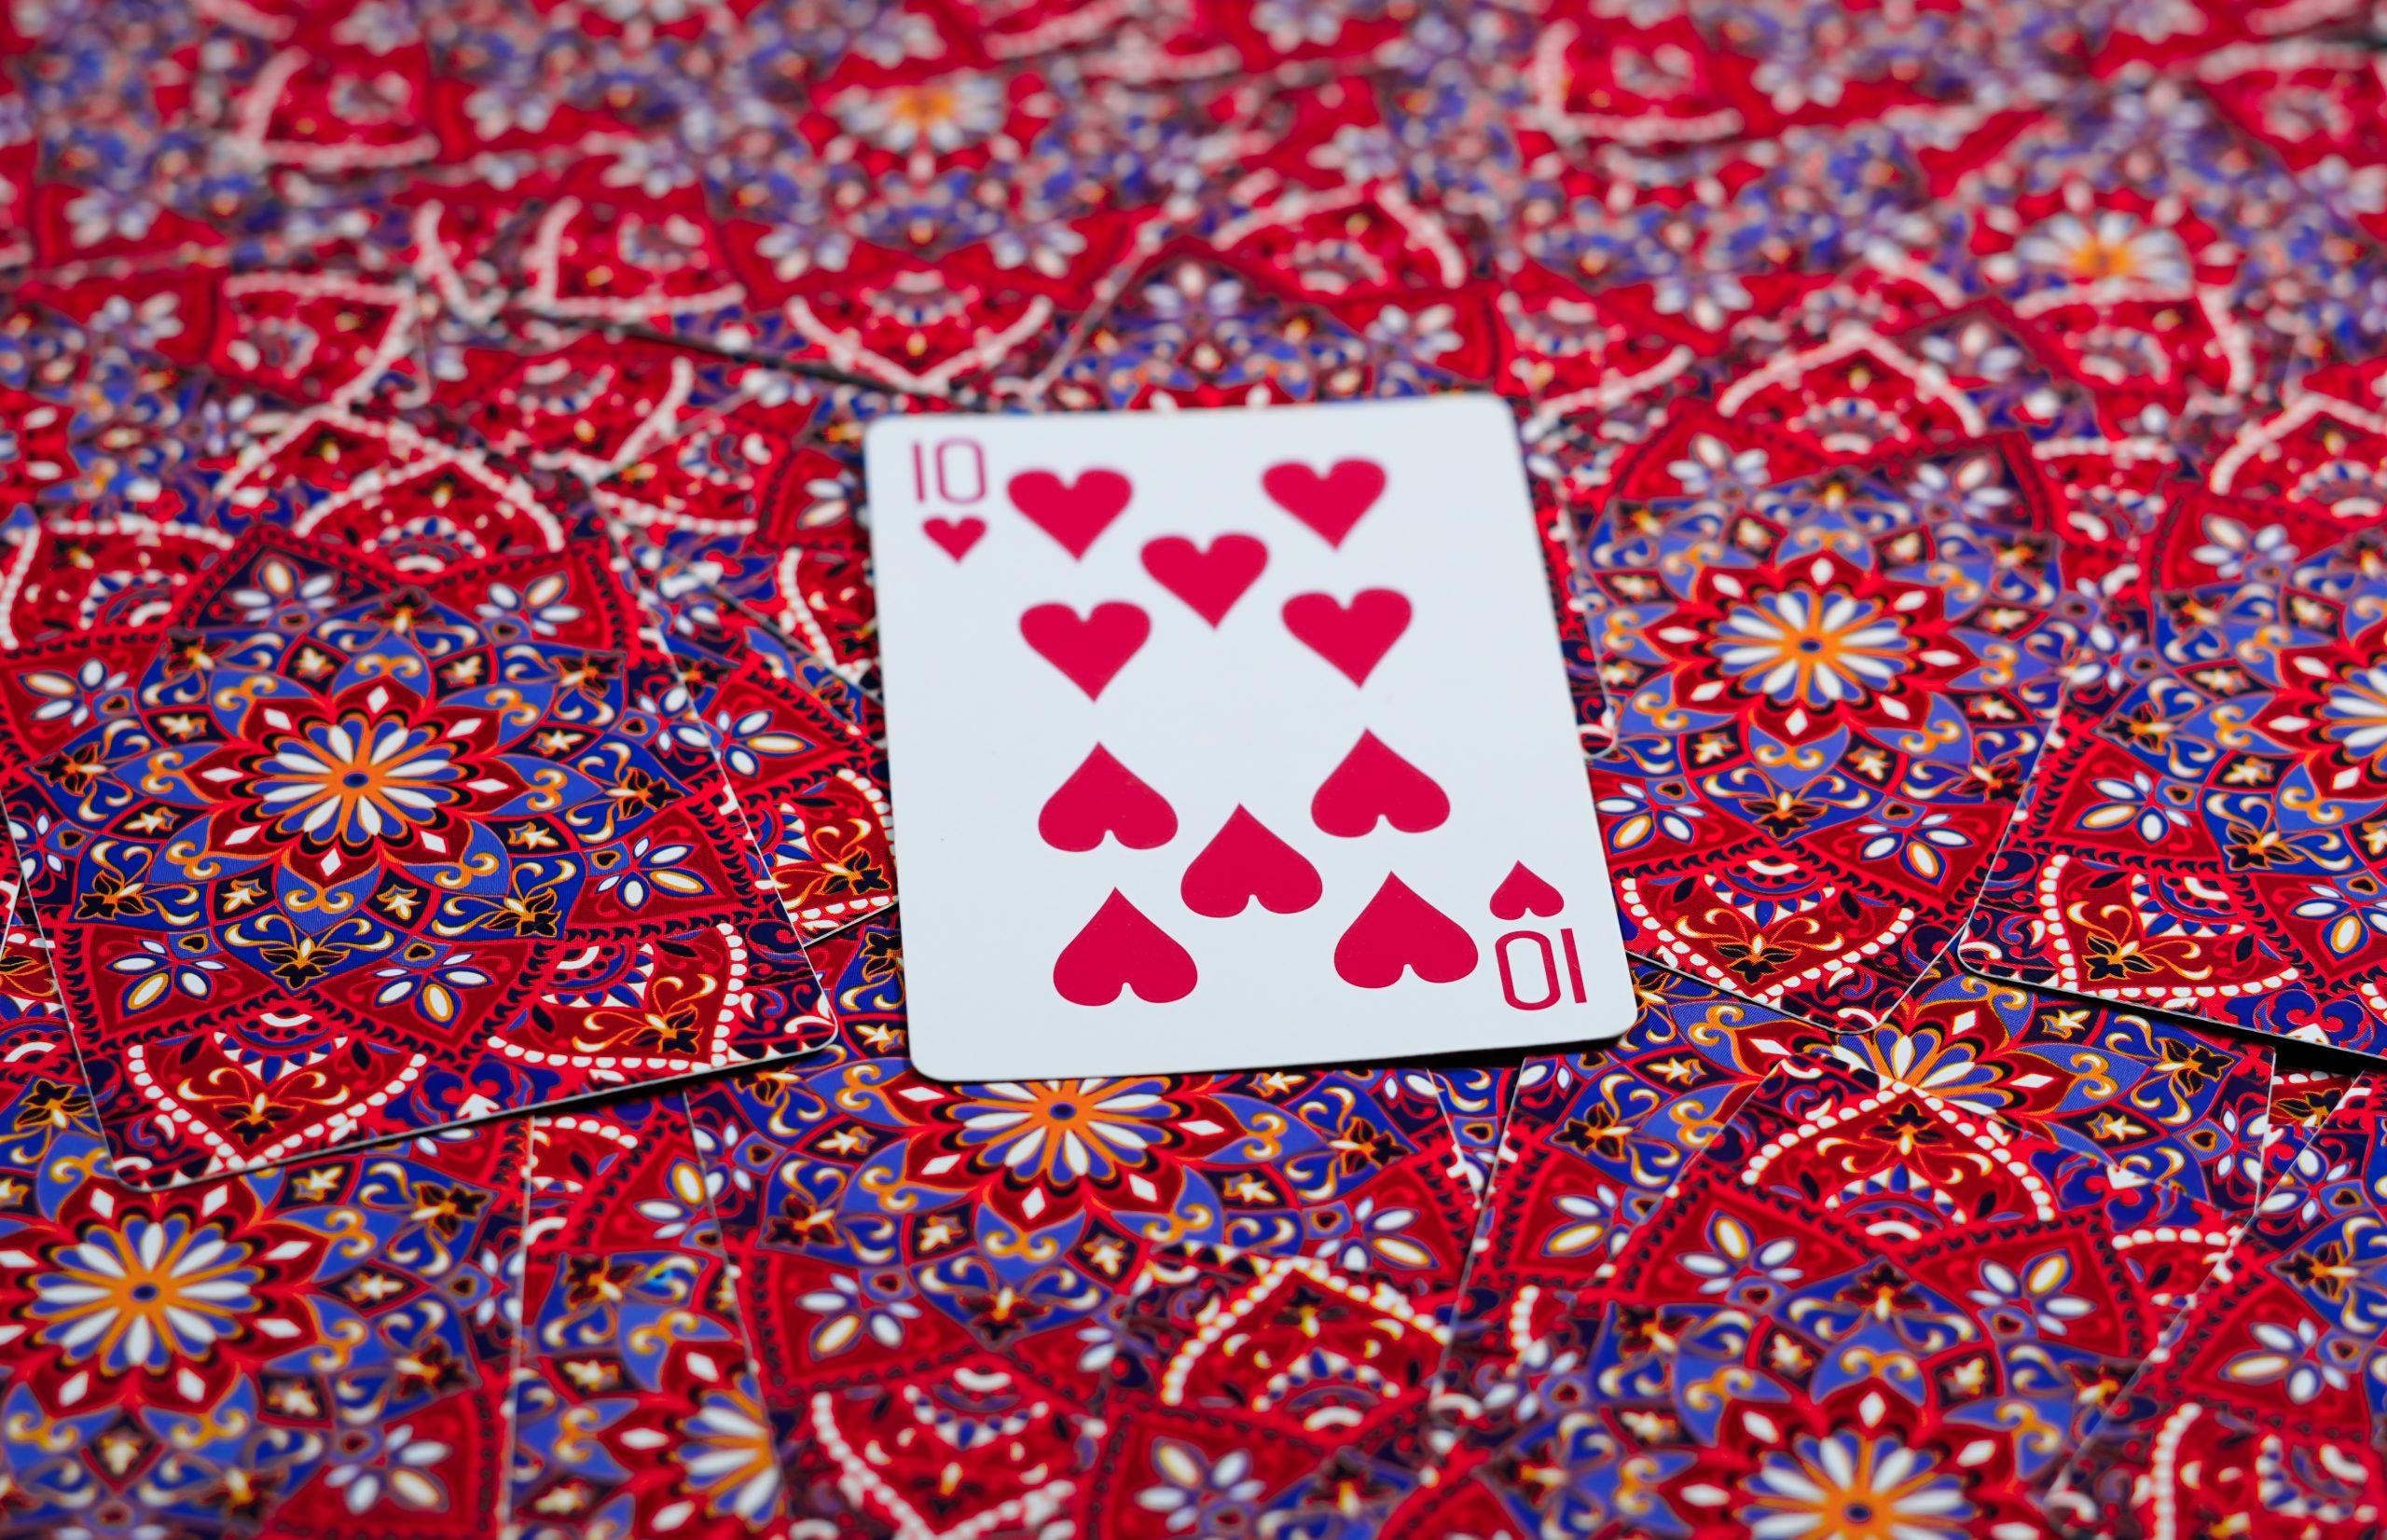 Ten of hearts.